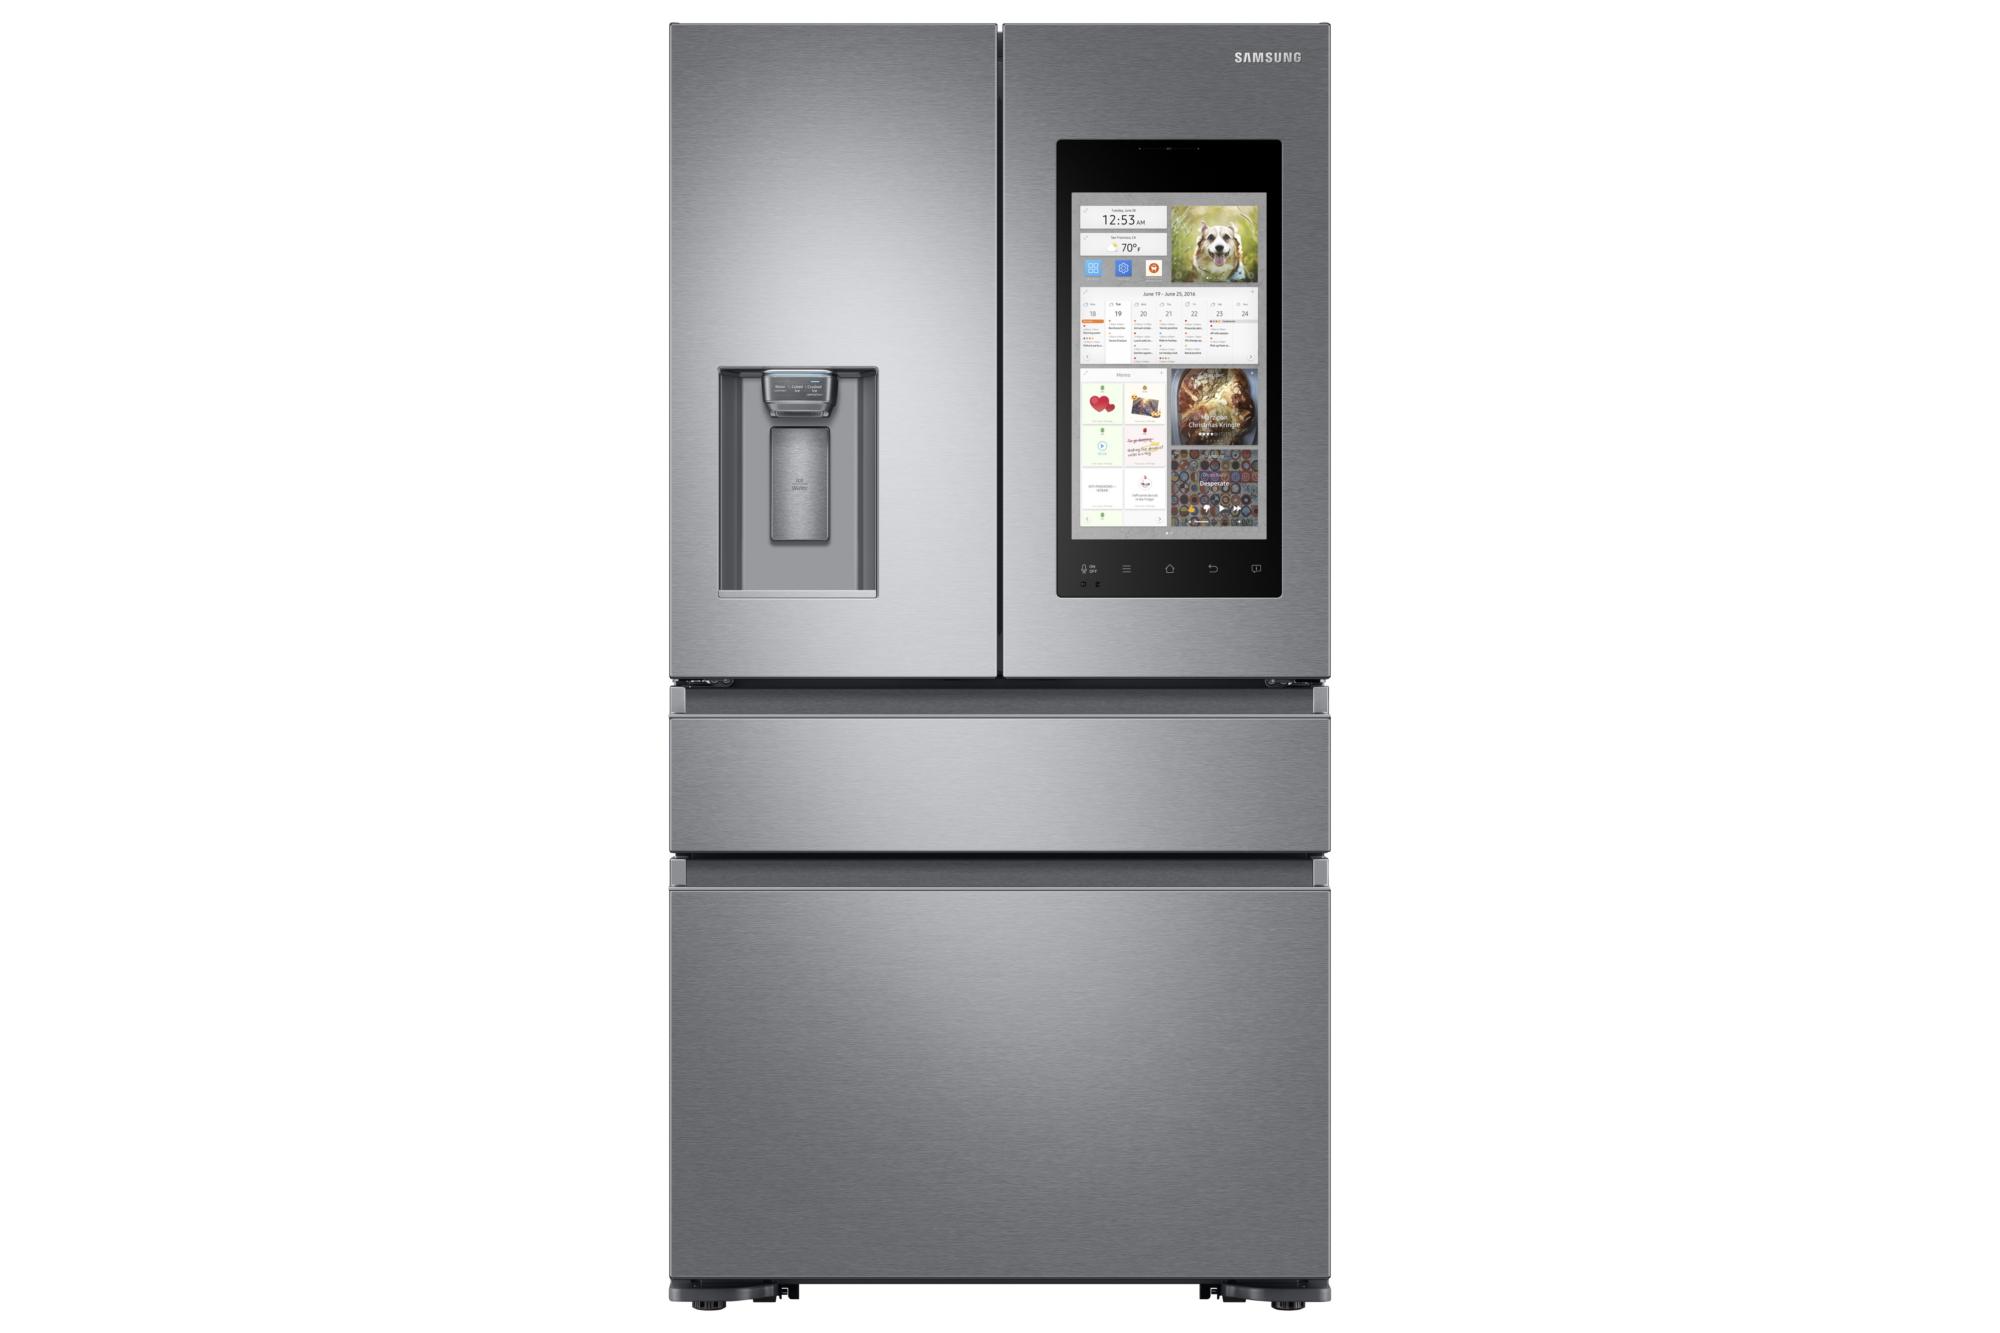 Samsung nuovo frigorifero smart al ces 2017 leganerd for Nuovo frigo samsung